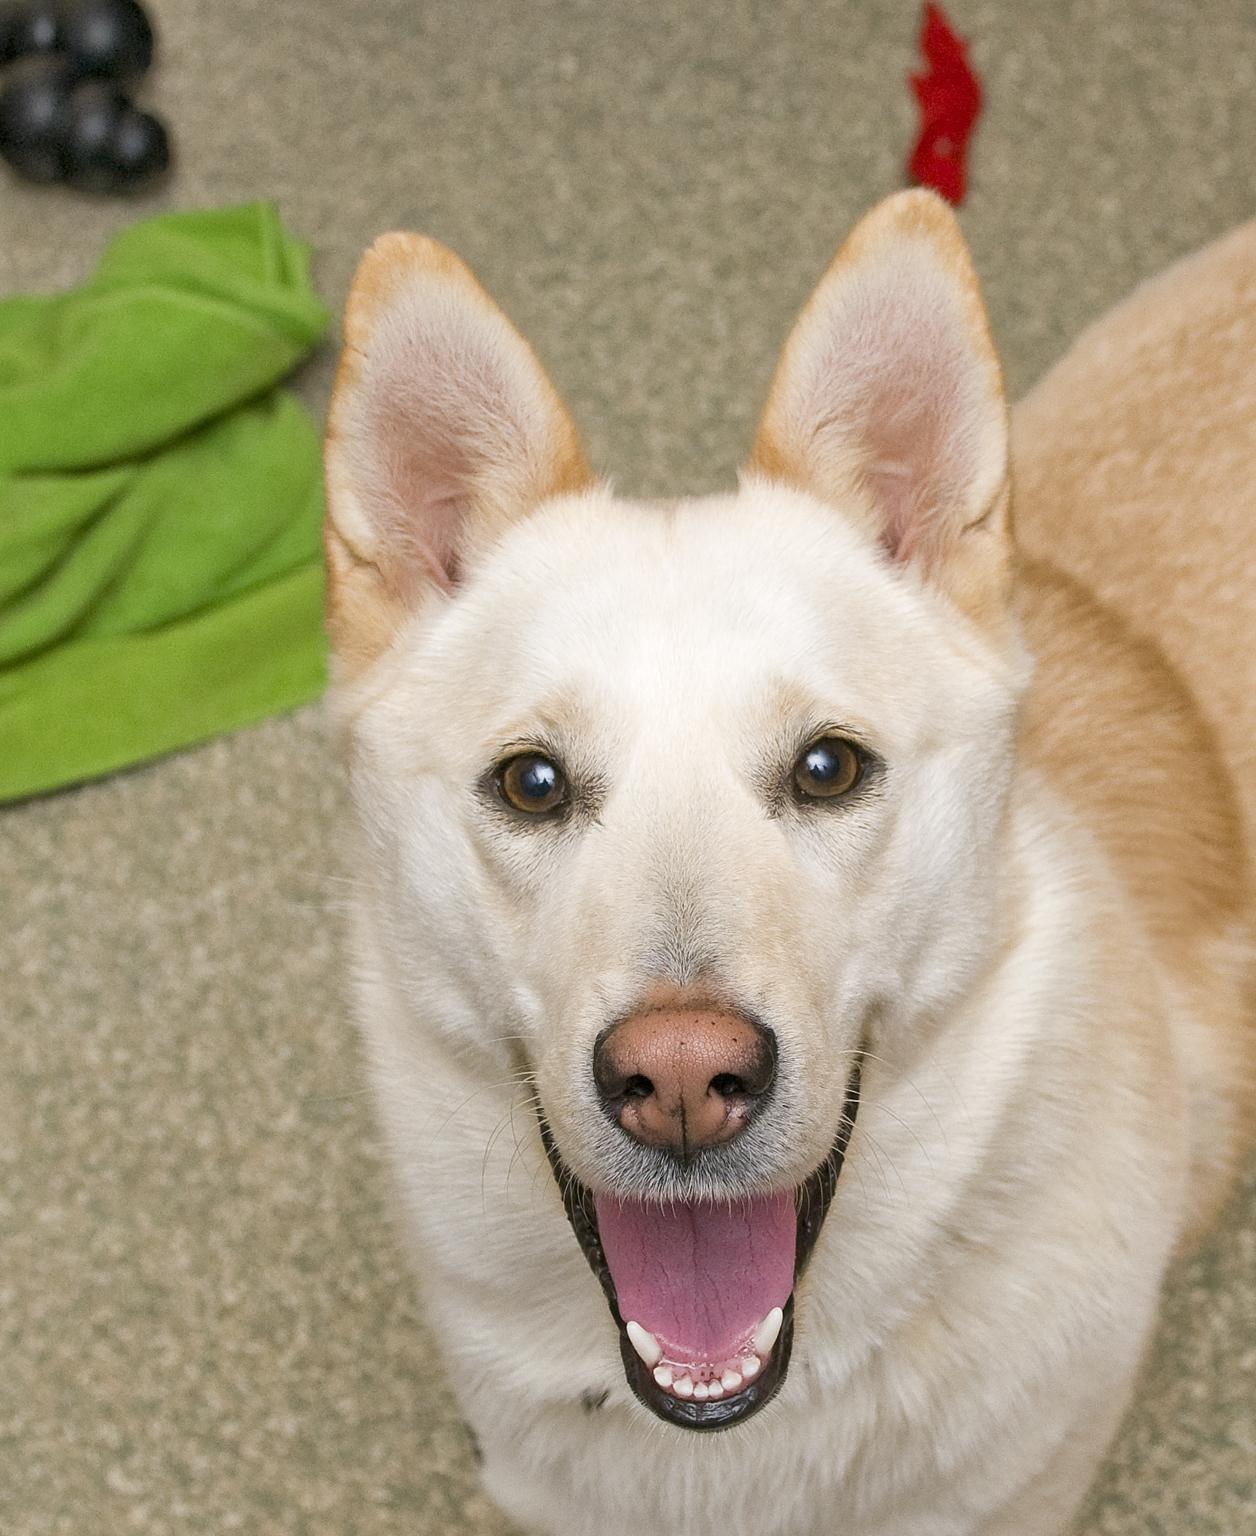 Pet of the Week: Rosie